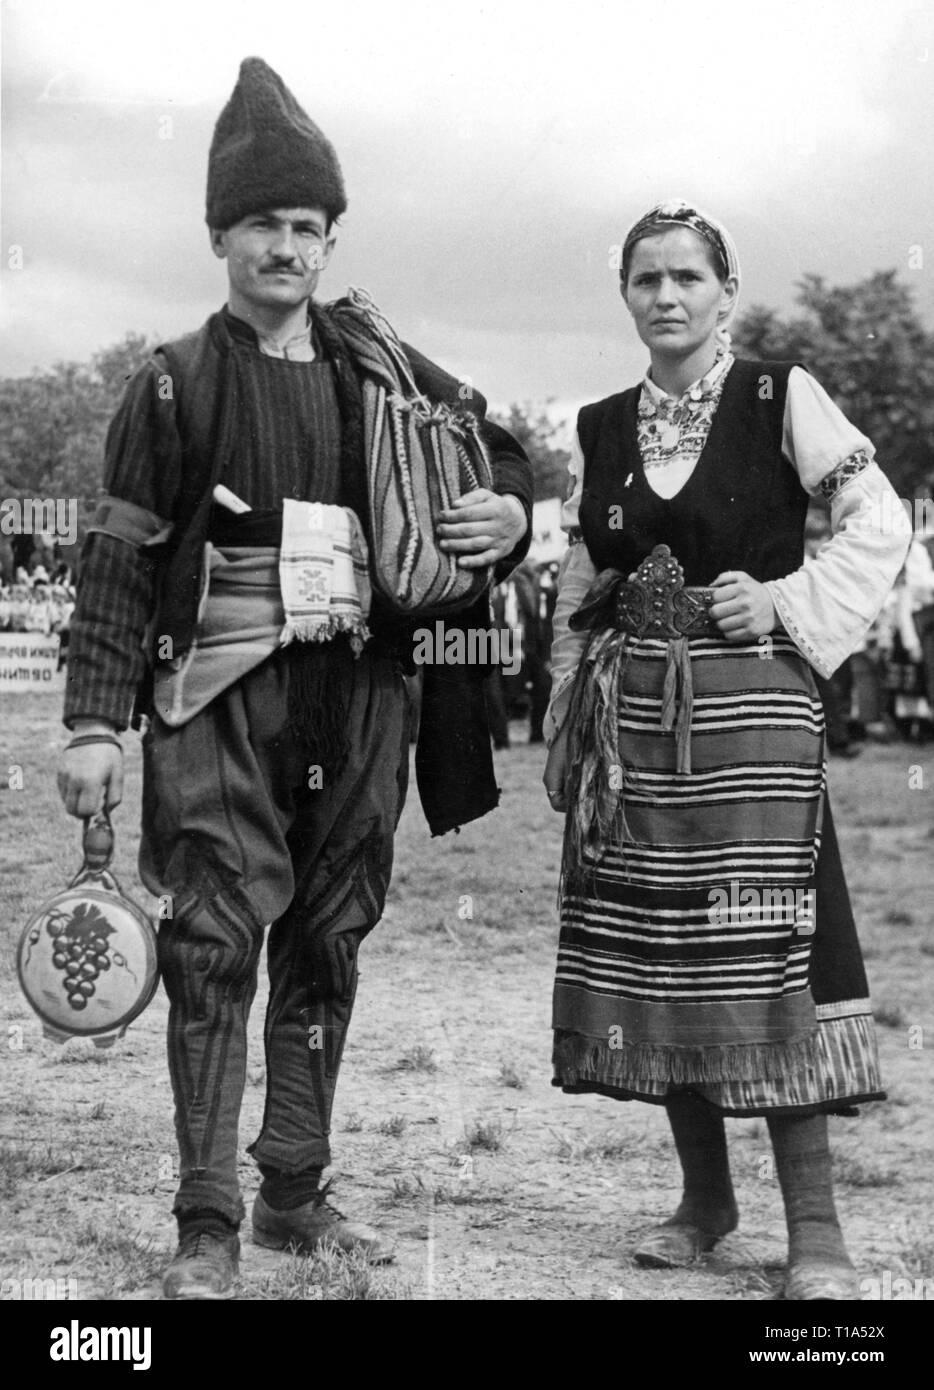 Geografia / viaggi storico, Bulgaria, folklore, bulgaro matura in costume nazionale, circa 1935, Additional-Rights-Clearance-Info-Not-Available Immagini Stock